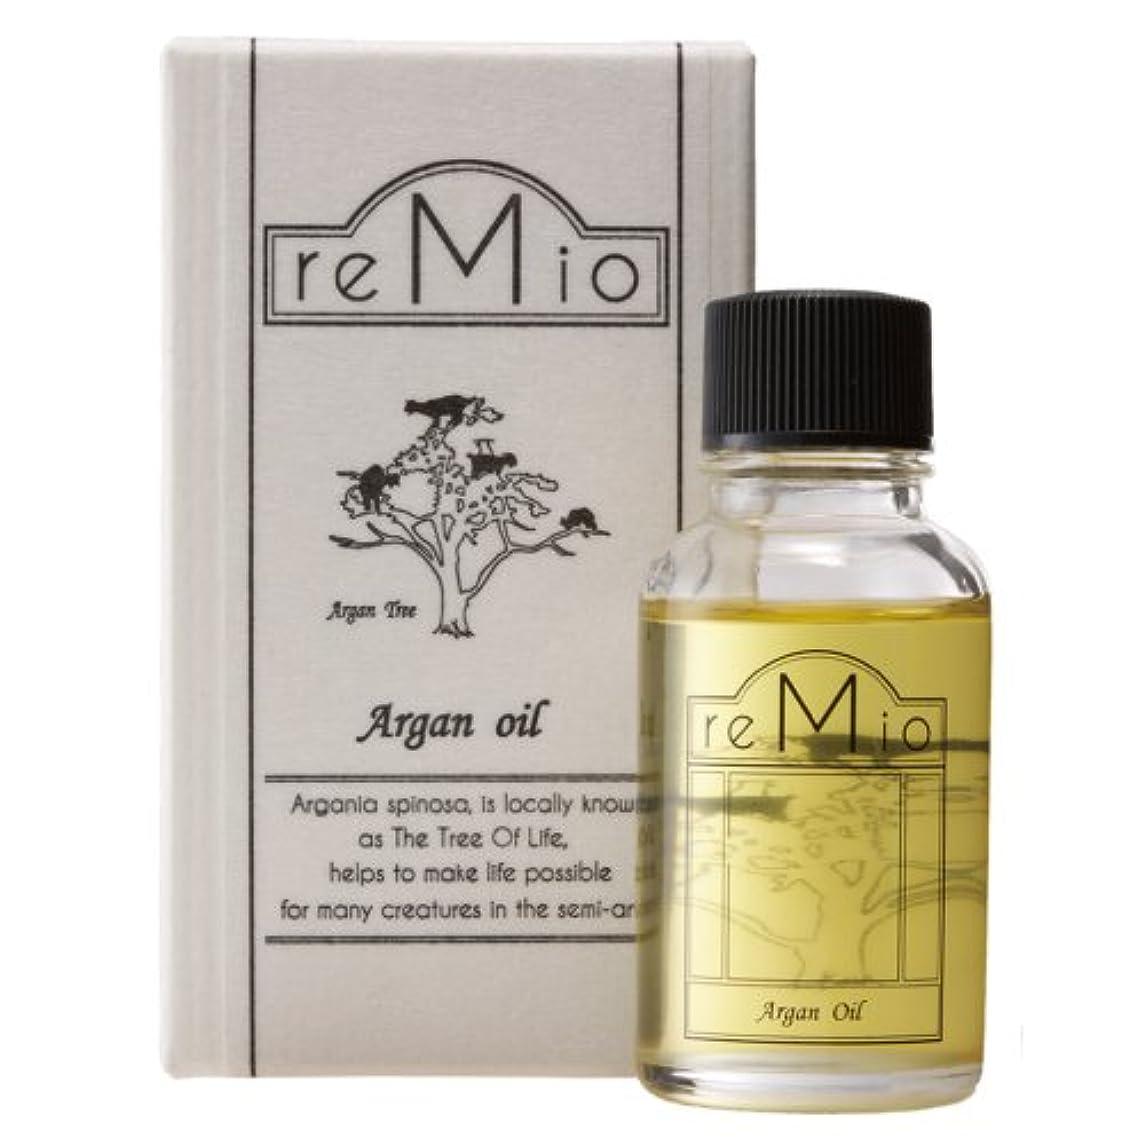 特権的勝つ水没レミオ(REMIO) オーガニックアルガンオイル